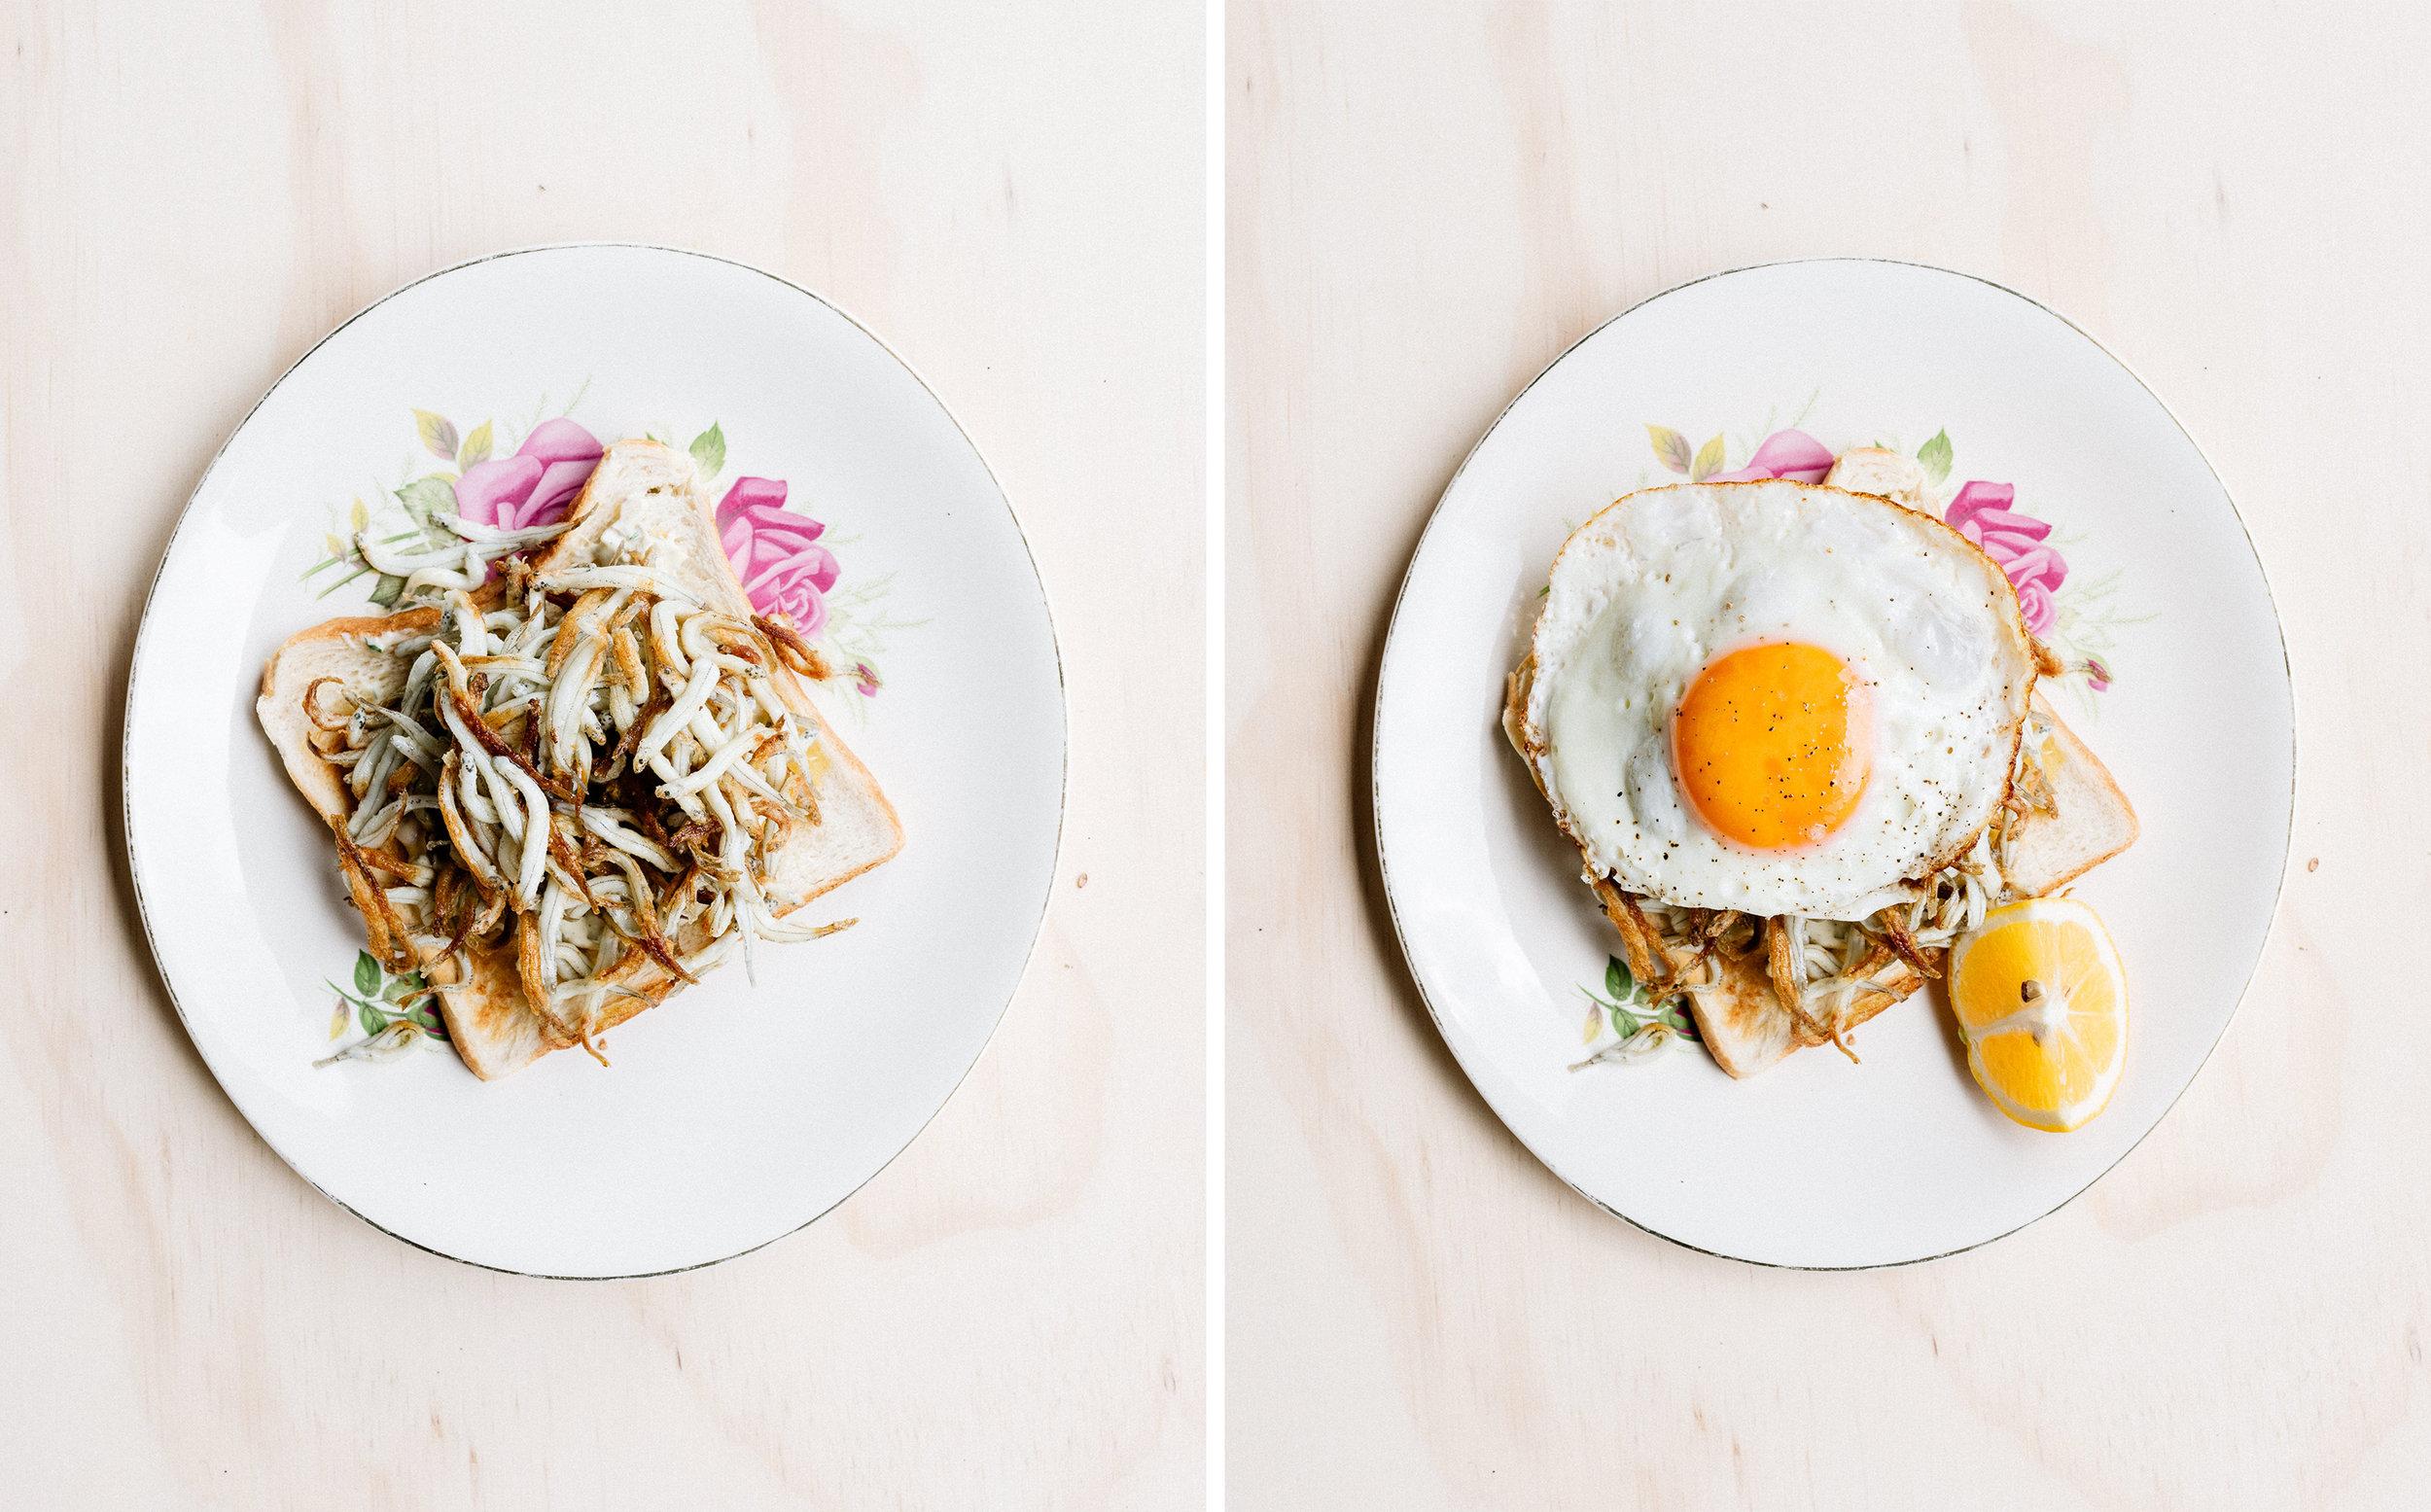 Al-Brown-Eat-Up-NZ-Cookbook-Josh-Griggs-Photographer-Splits-13.jpg